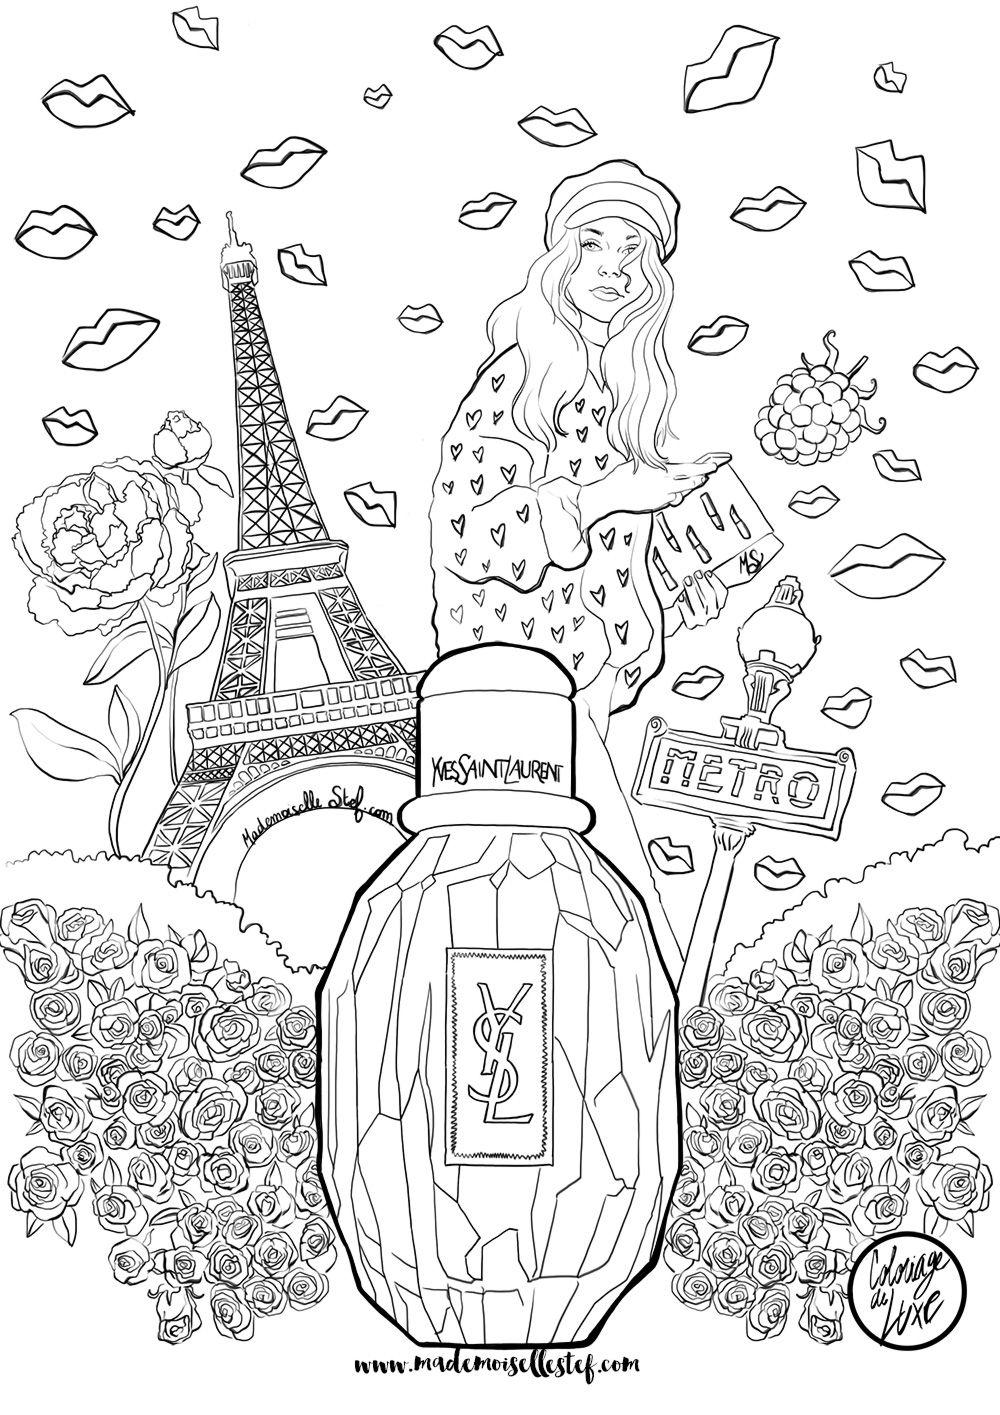 Coloriage : Parfum Parisienne Yves Saint Laurent I serapportantà Book Coloriage